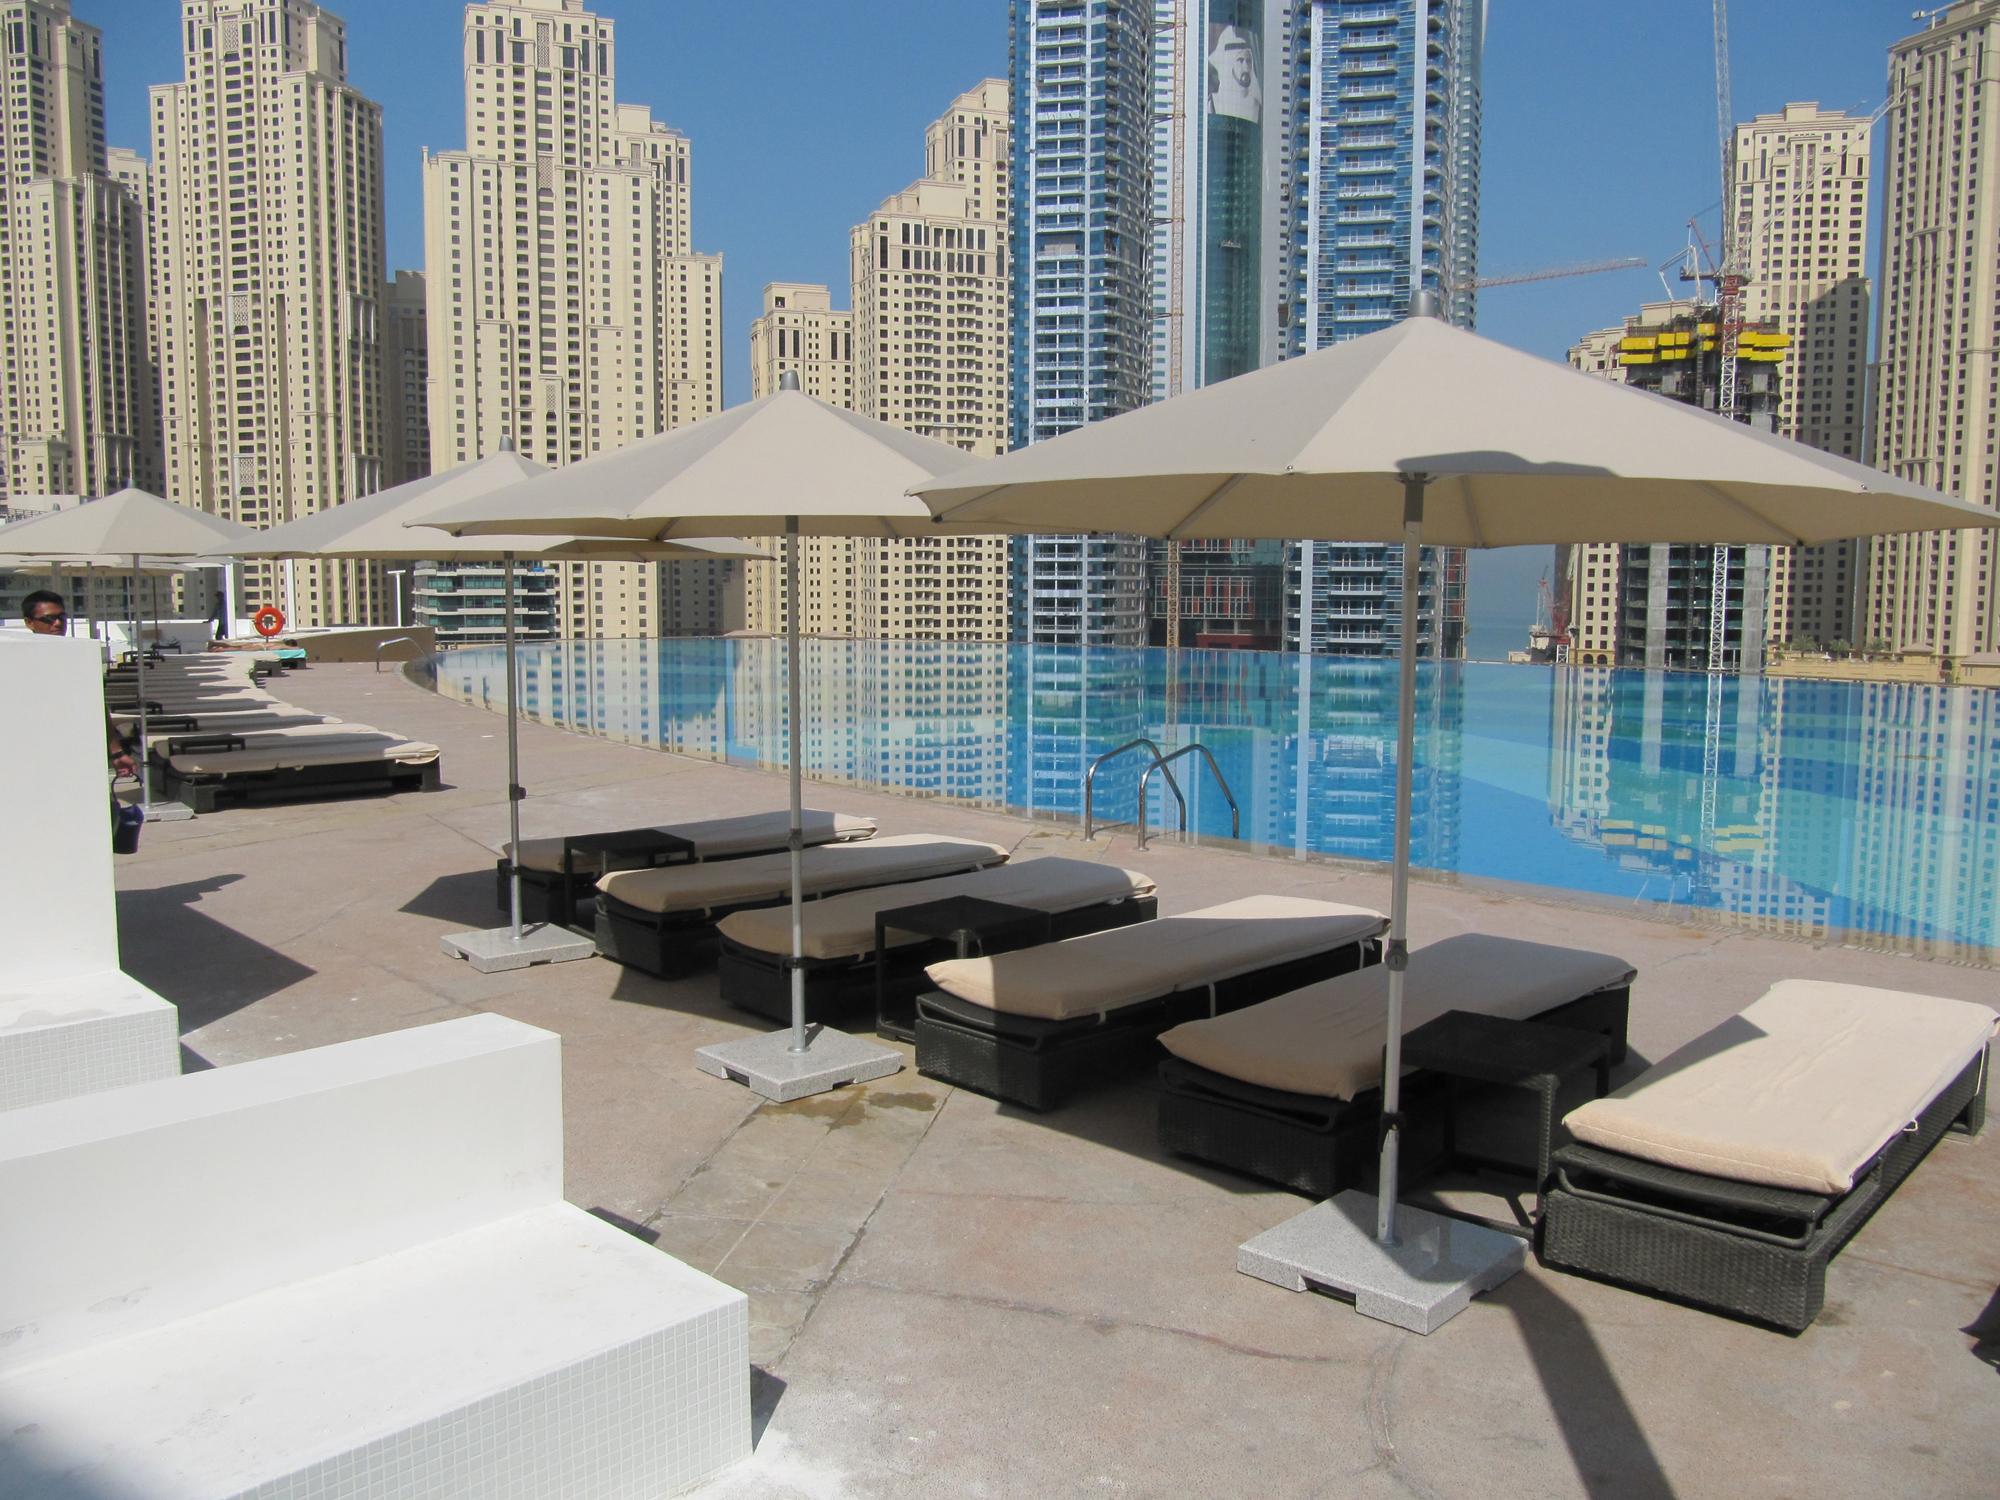 Hotel restaurant furniture dubai loungers sofa umbrellas